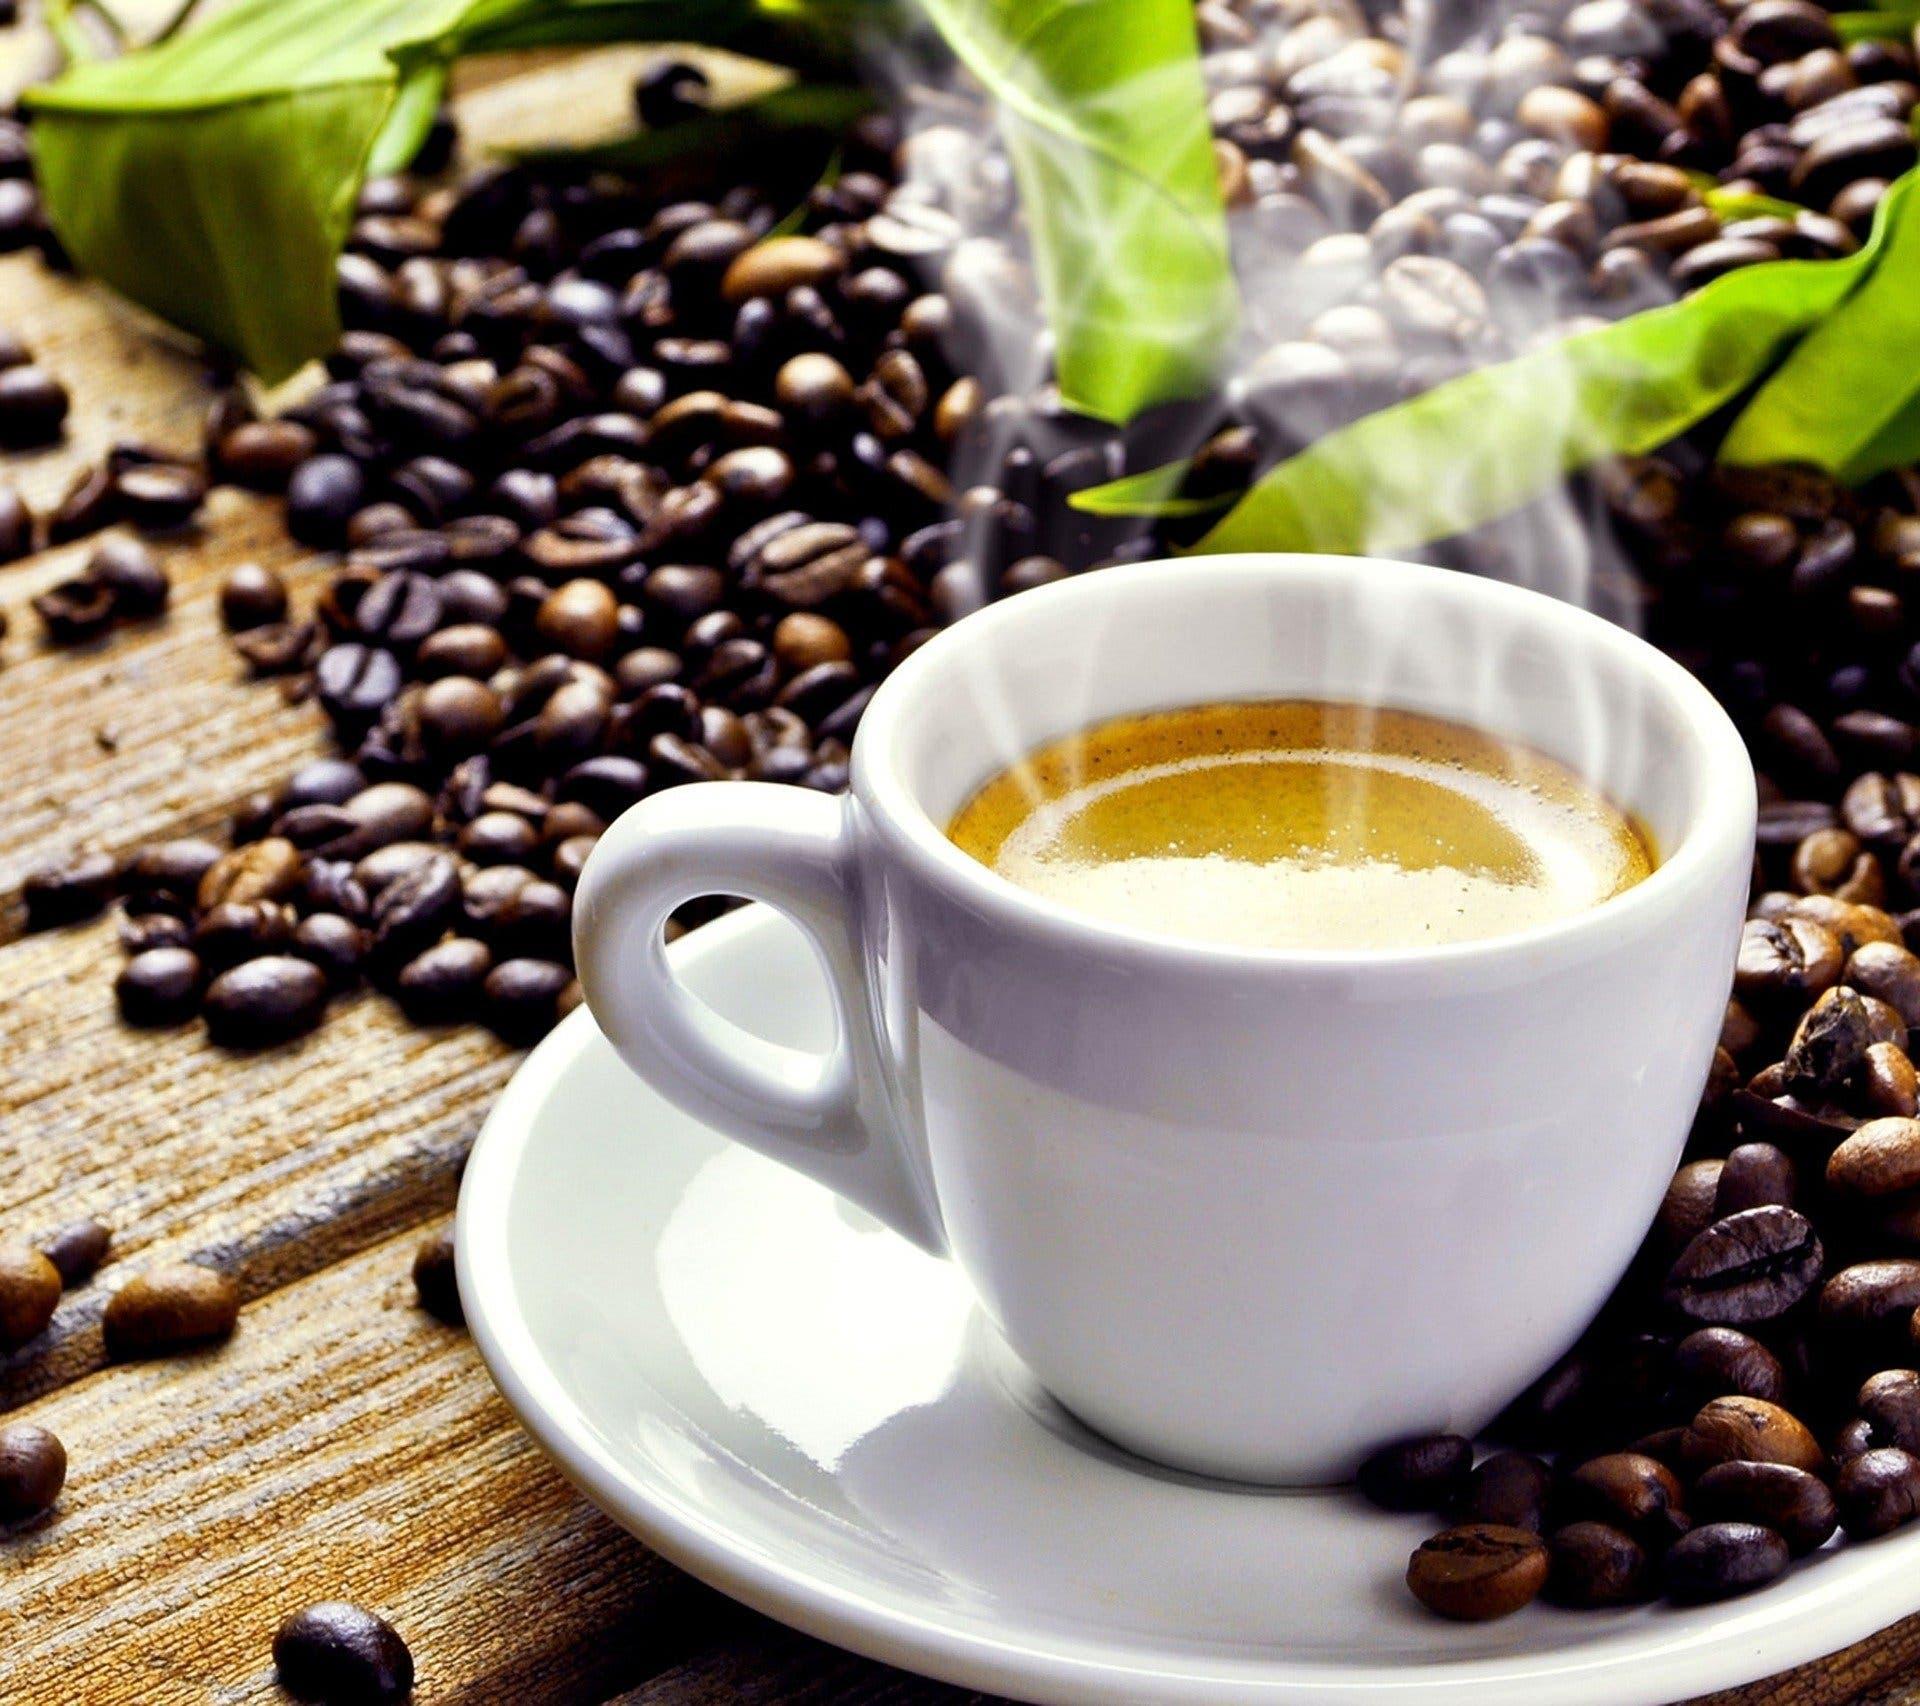 ¿Cómo se determina la calidad de un café?